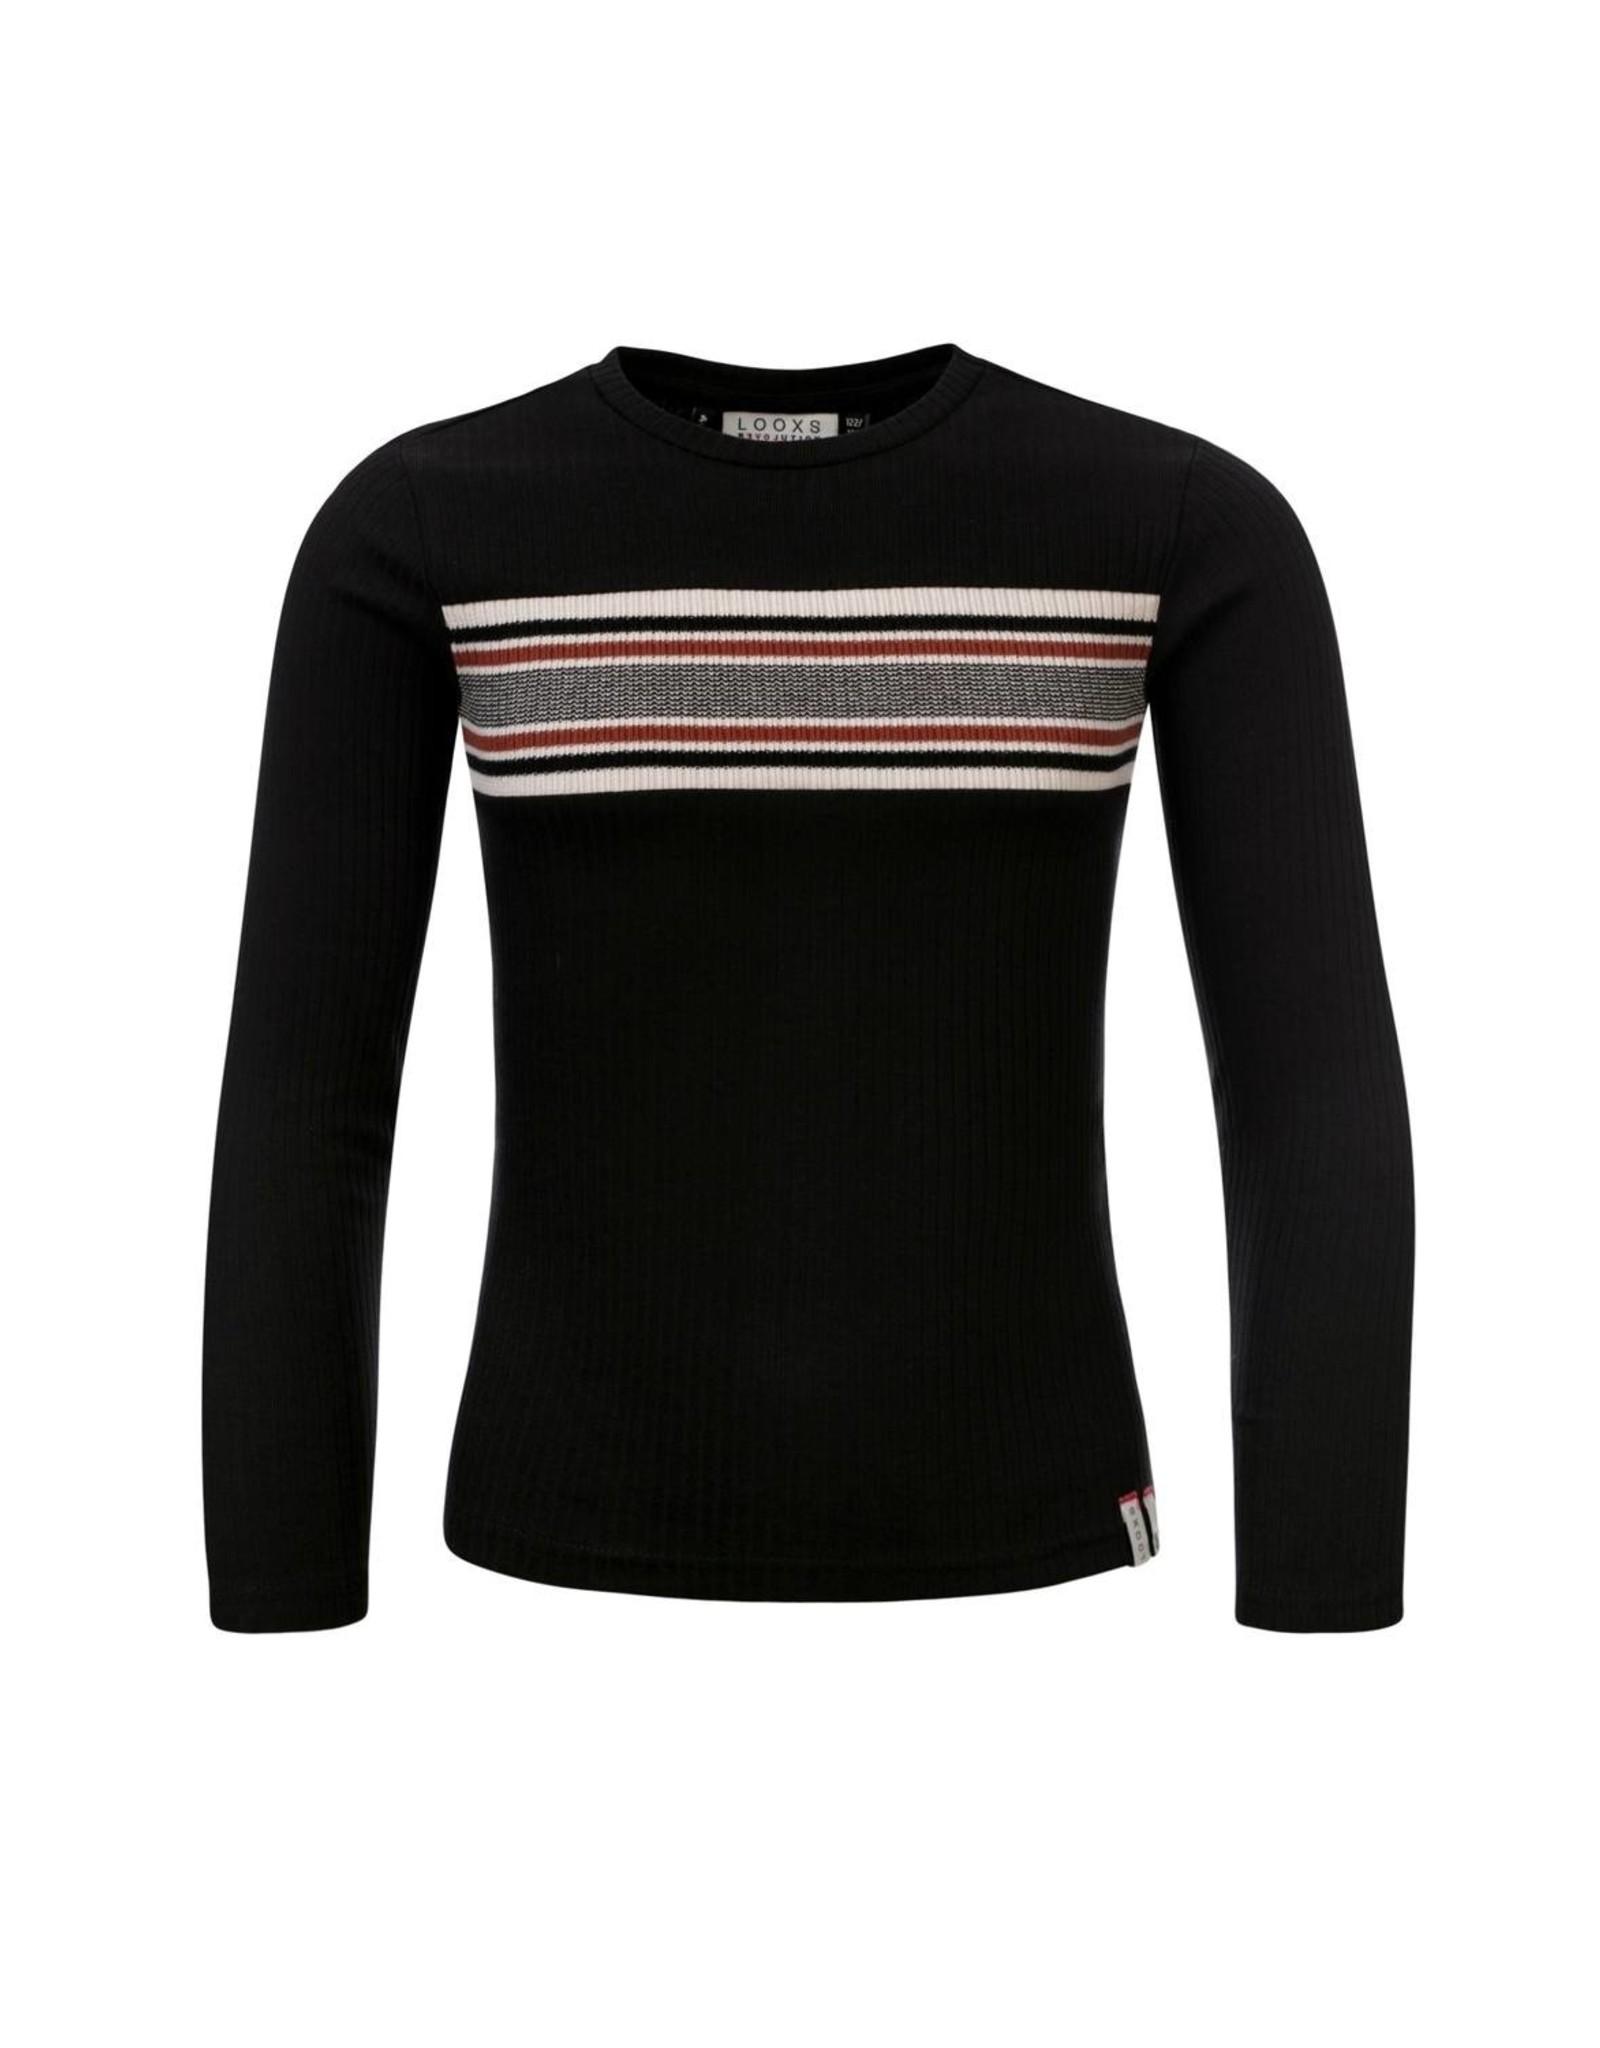 LOOXS 10sixteen Girls T-shirt l/s black